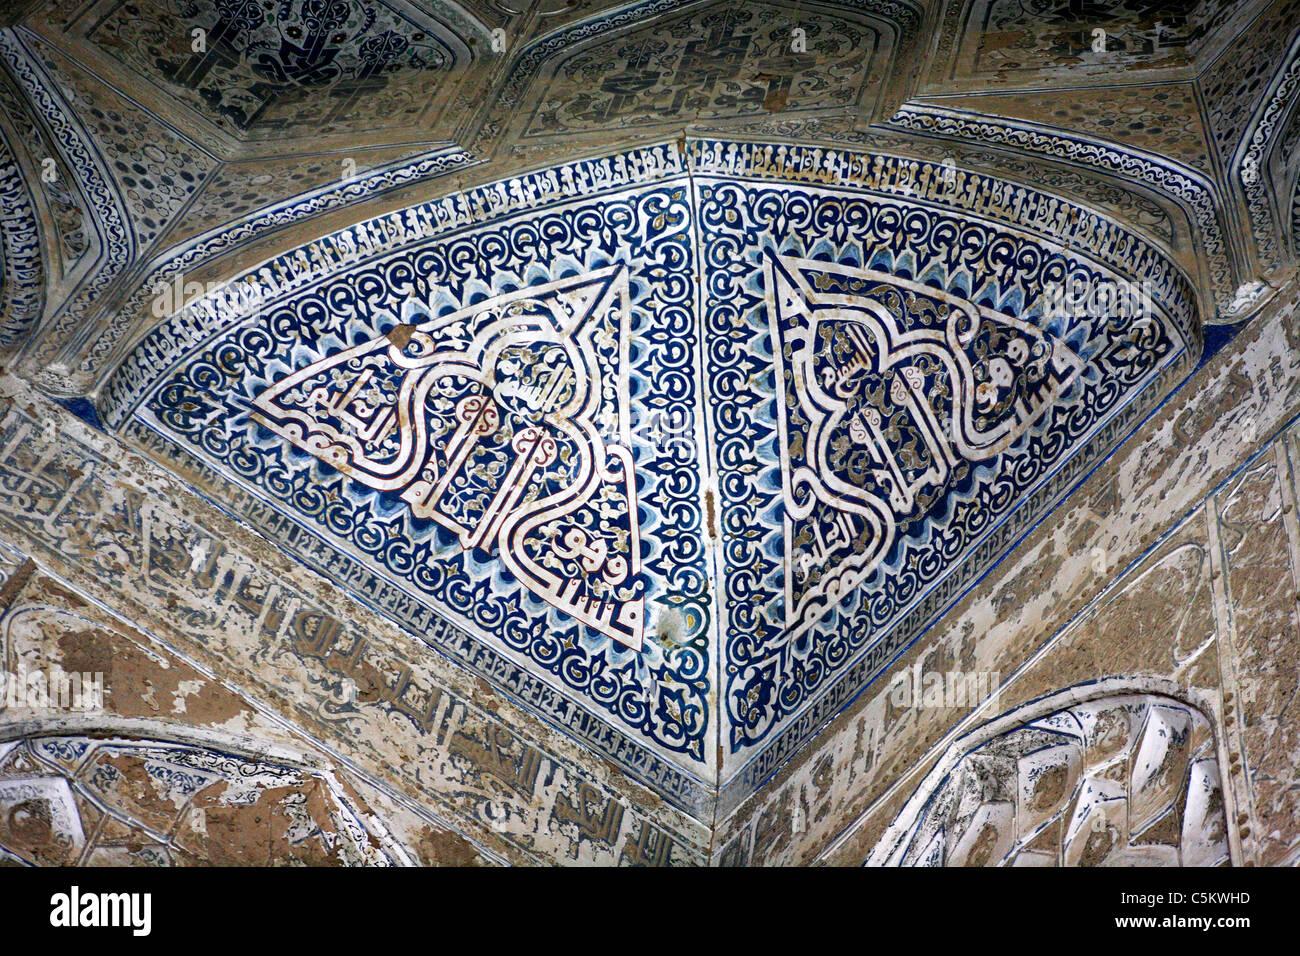 Sayyed Rukhn al-Din mausoleum (1326), Yazd, Iran - Stock Image